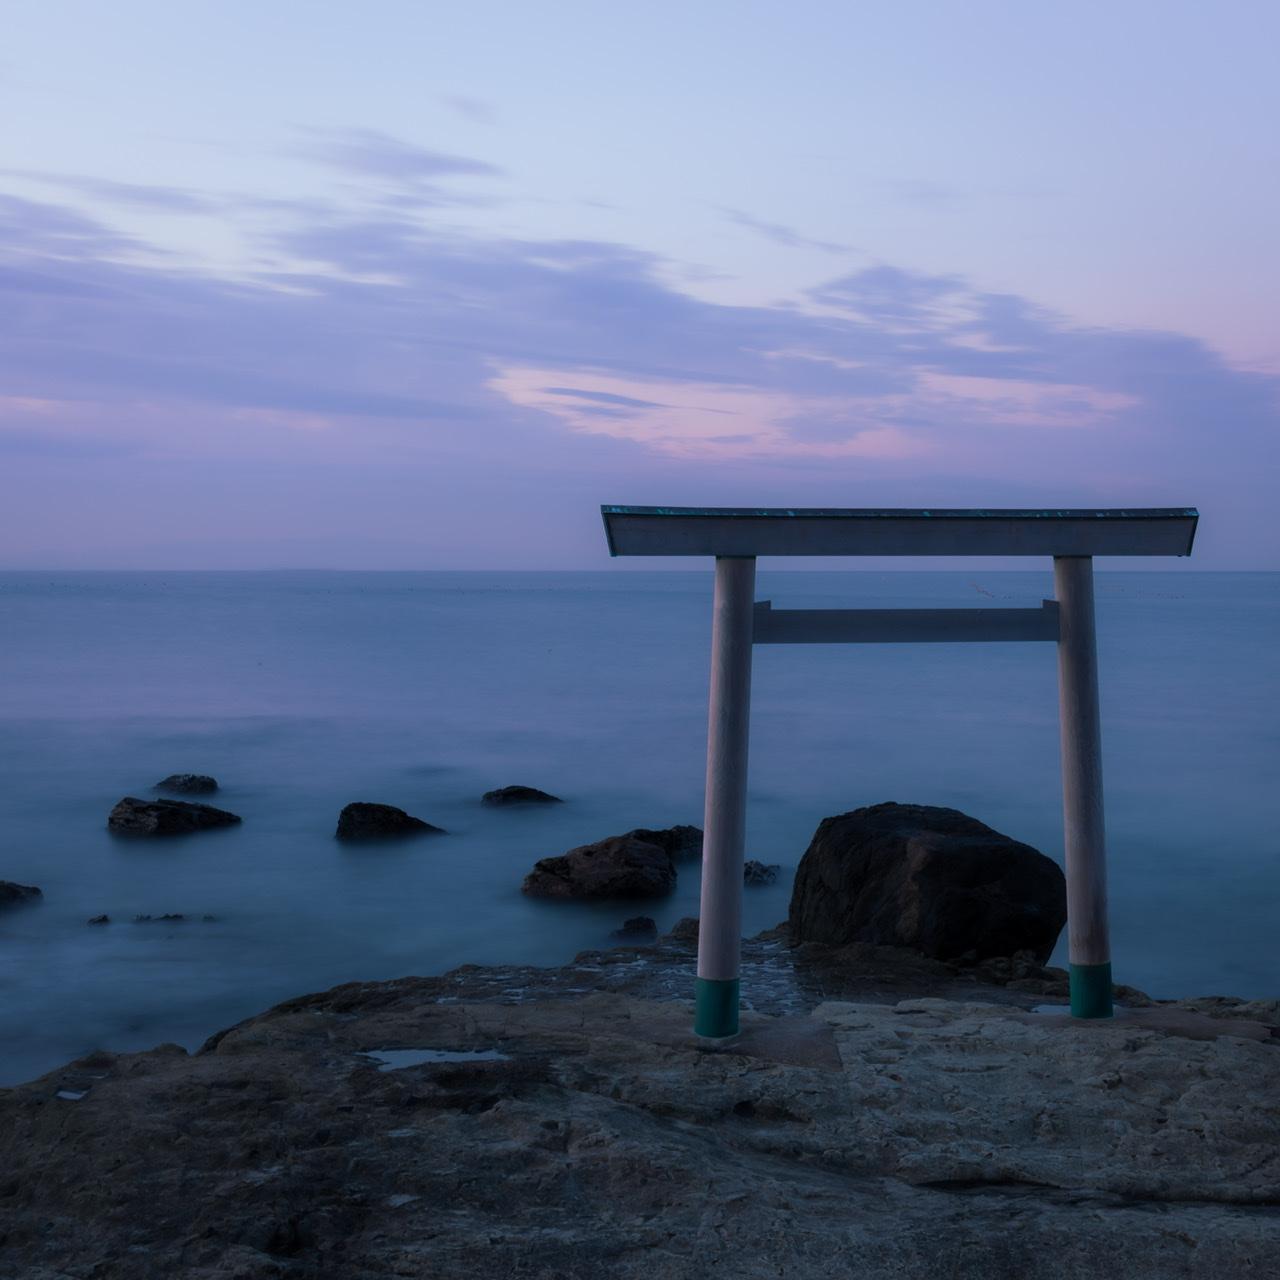 伊勢神宮に向かって鎮座する「つぶて浦神社」